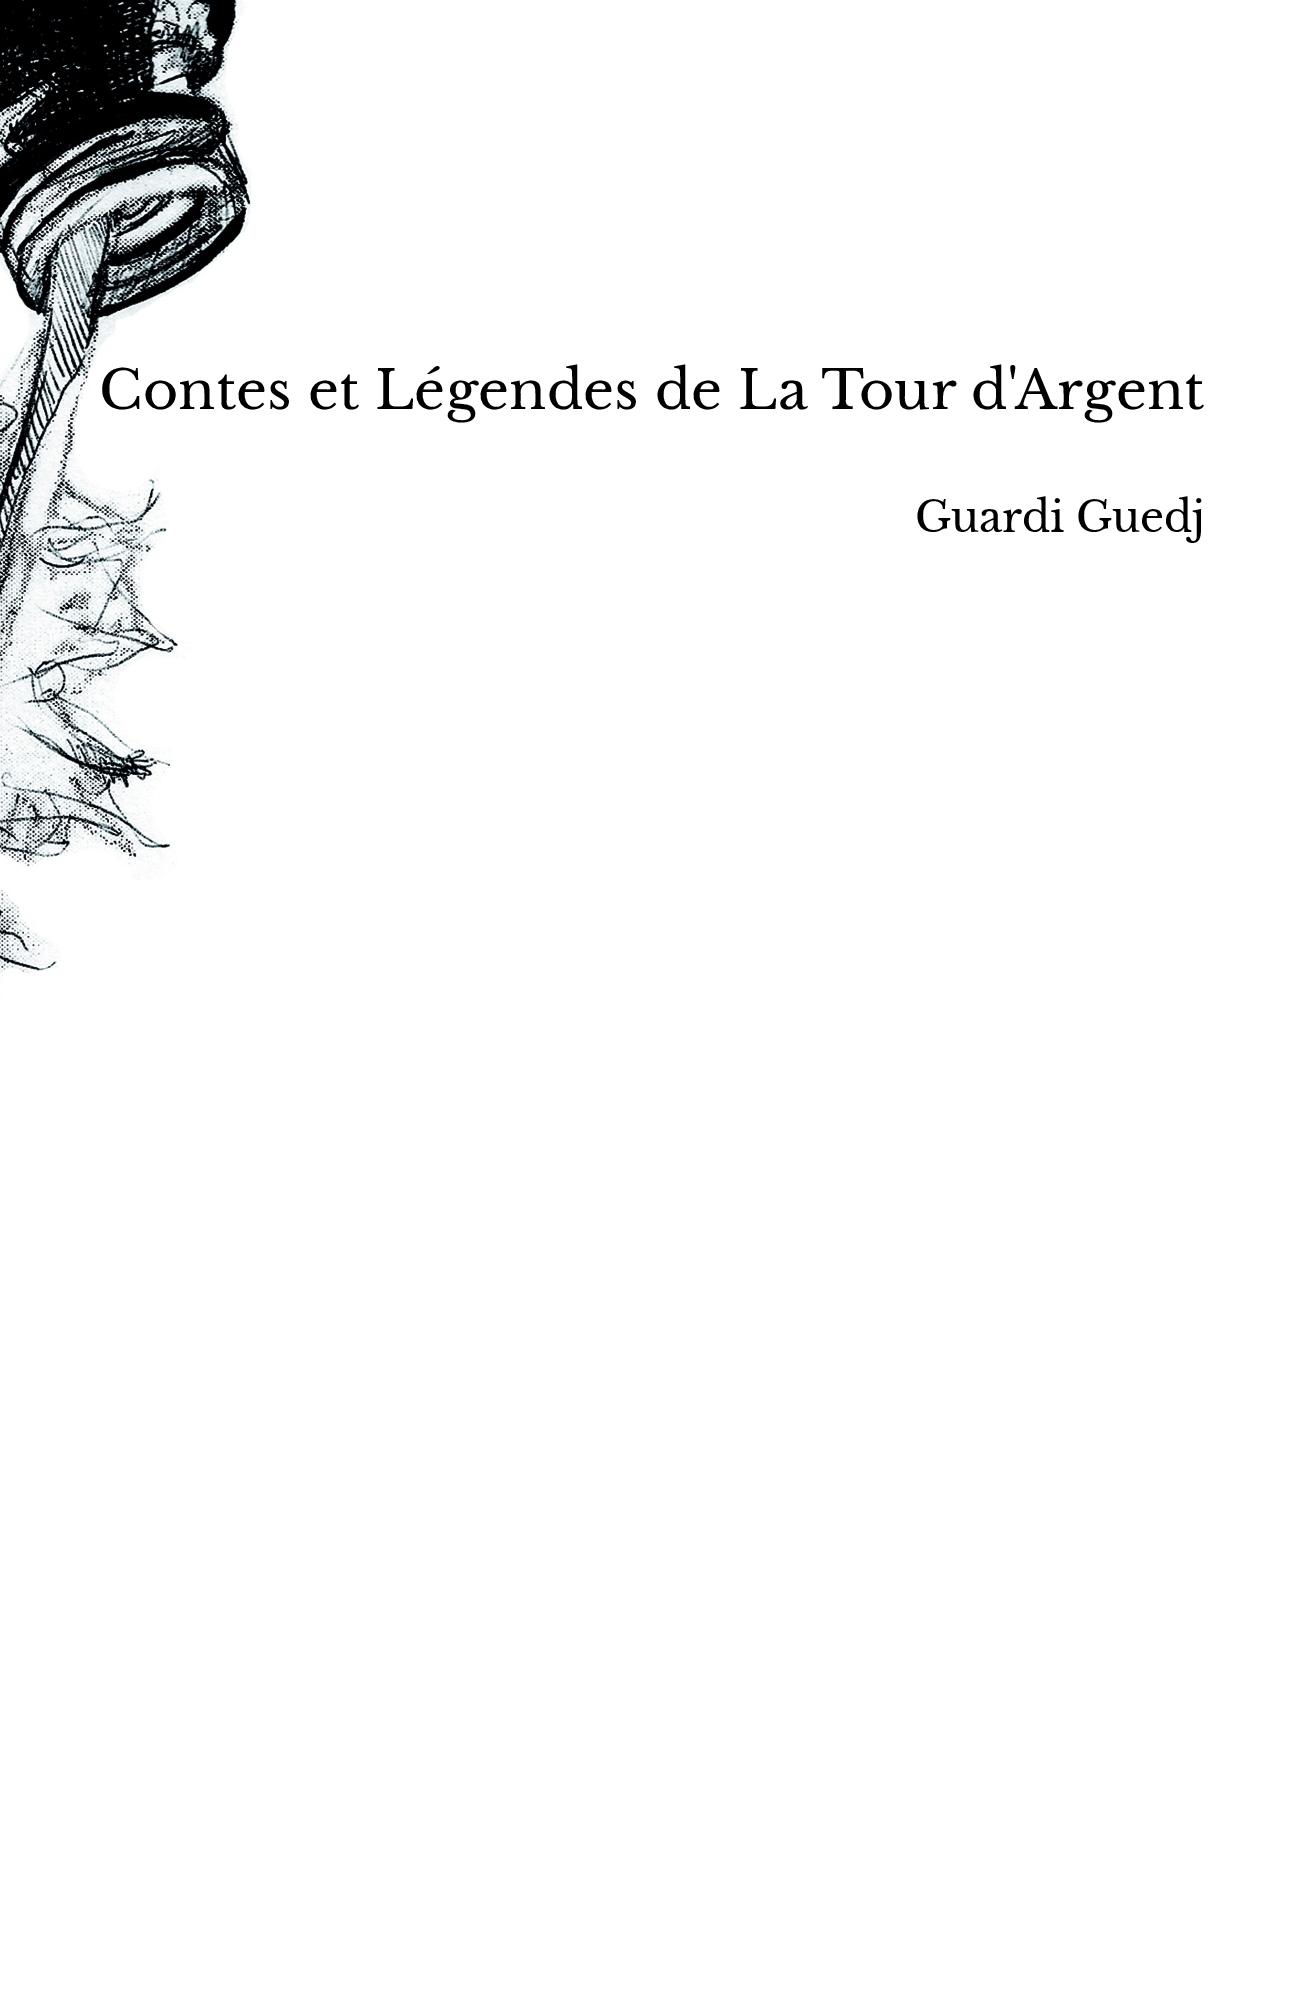 Contes et Légendes de La Tour d'Argent